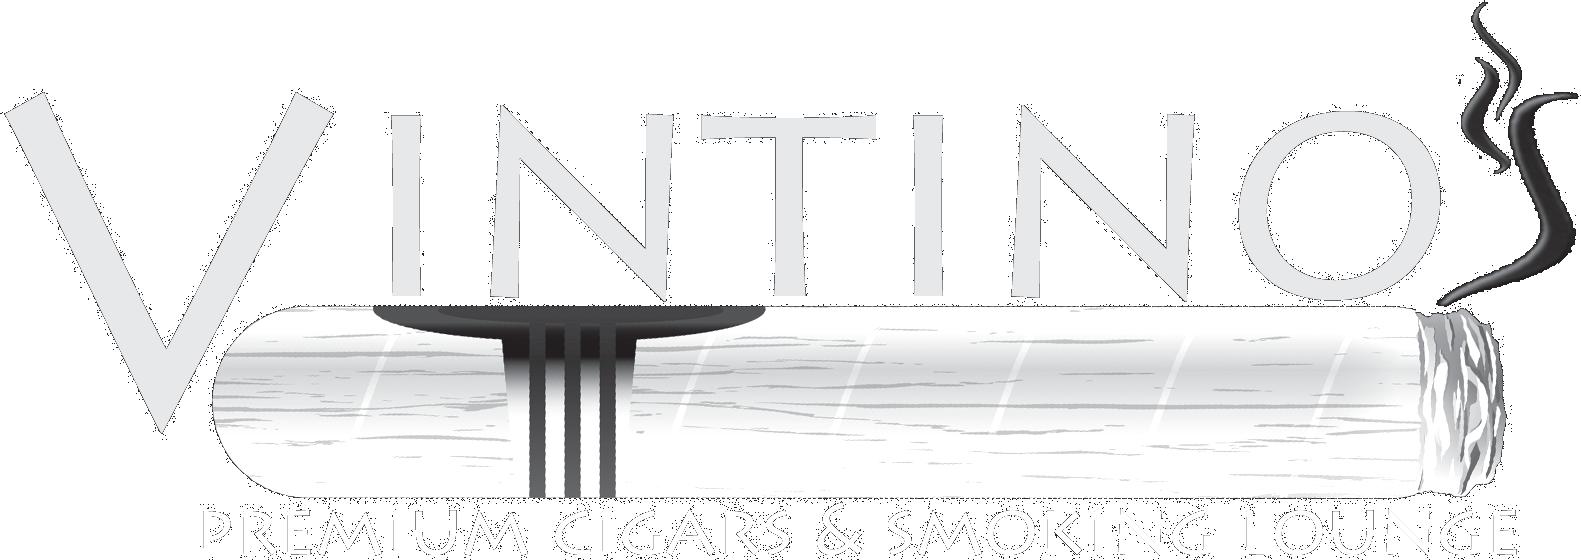 Vintino Cigars